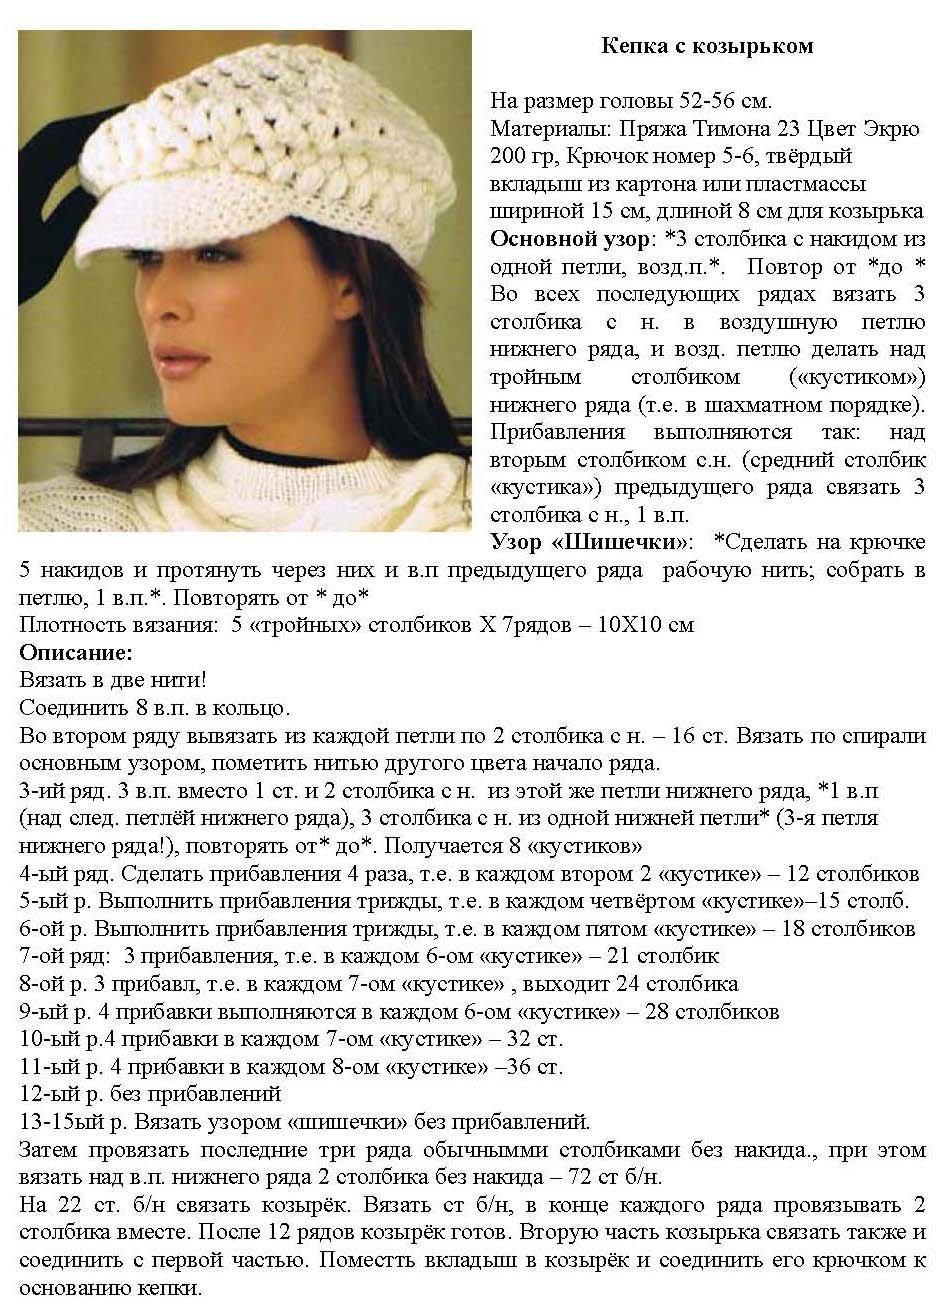 Вязание беретов с козырьком спицами для женщин с описанием 88